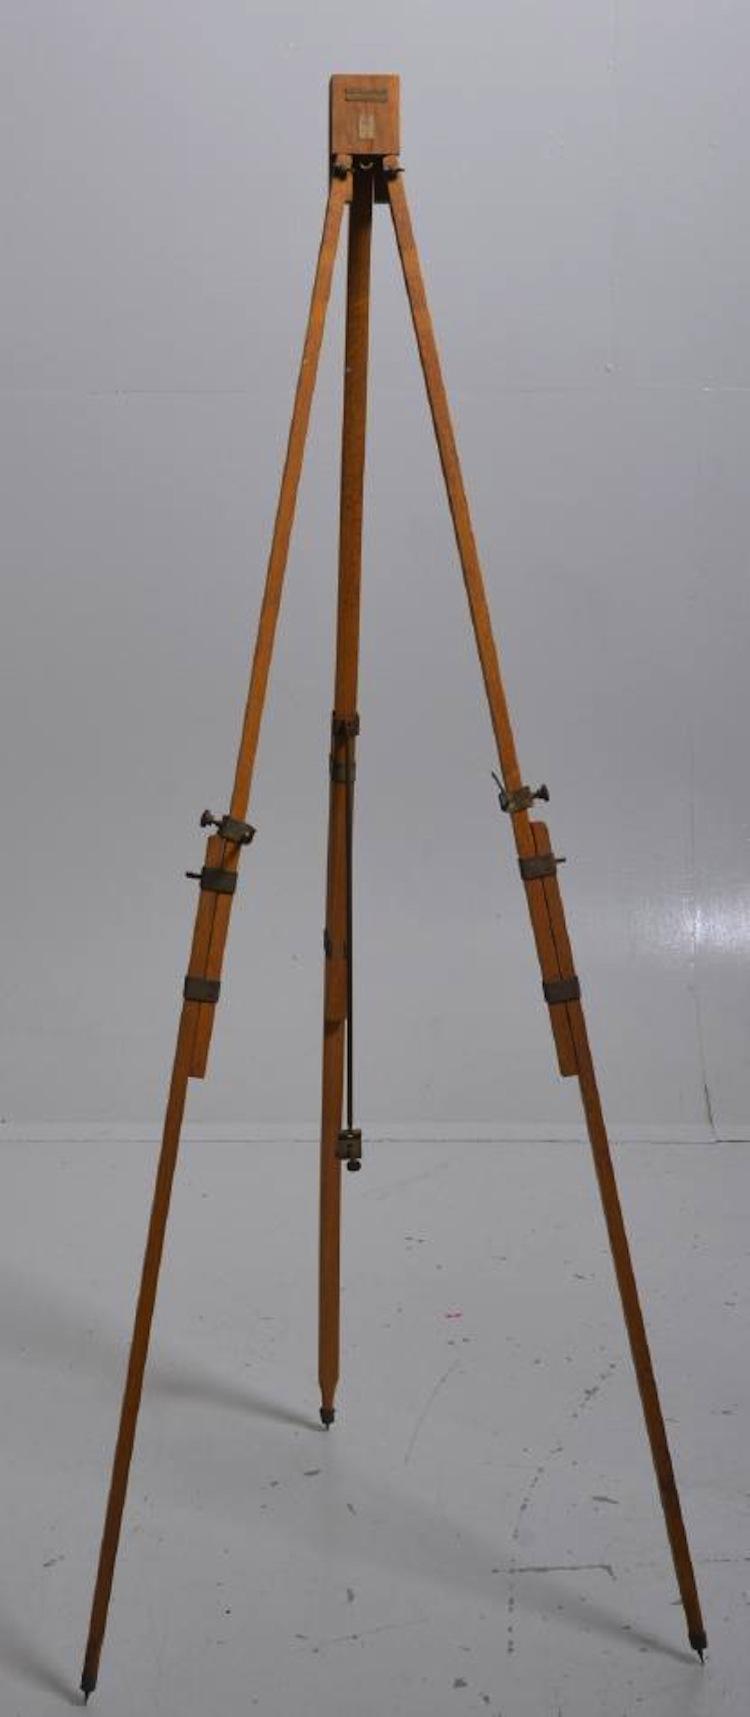 Ett hopfällbart stafli tillverkat av AB W Becker i Stockholm ropas ut hos Västerviks Auktionsbyrå för 500 kronor